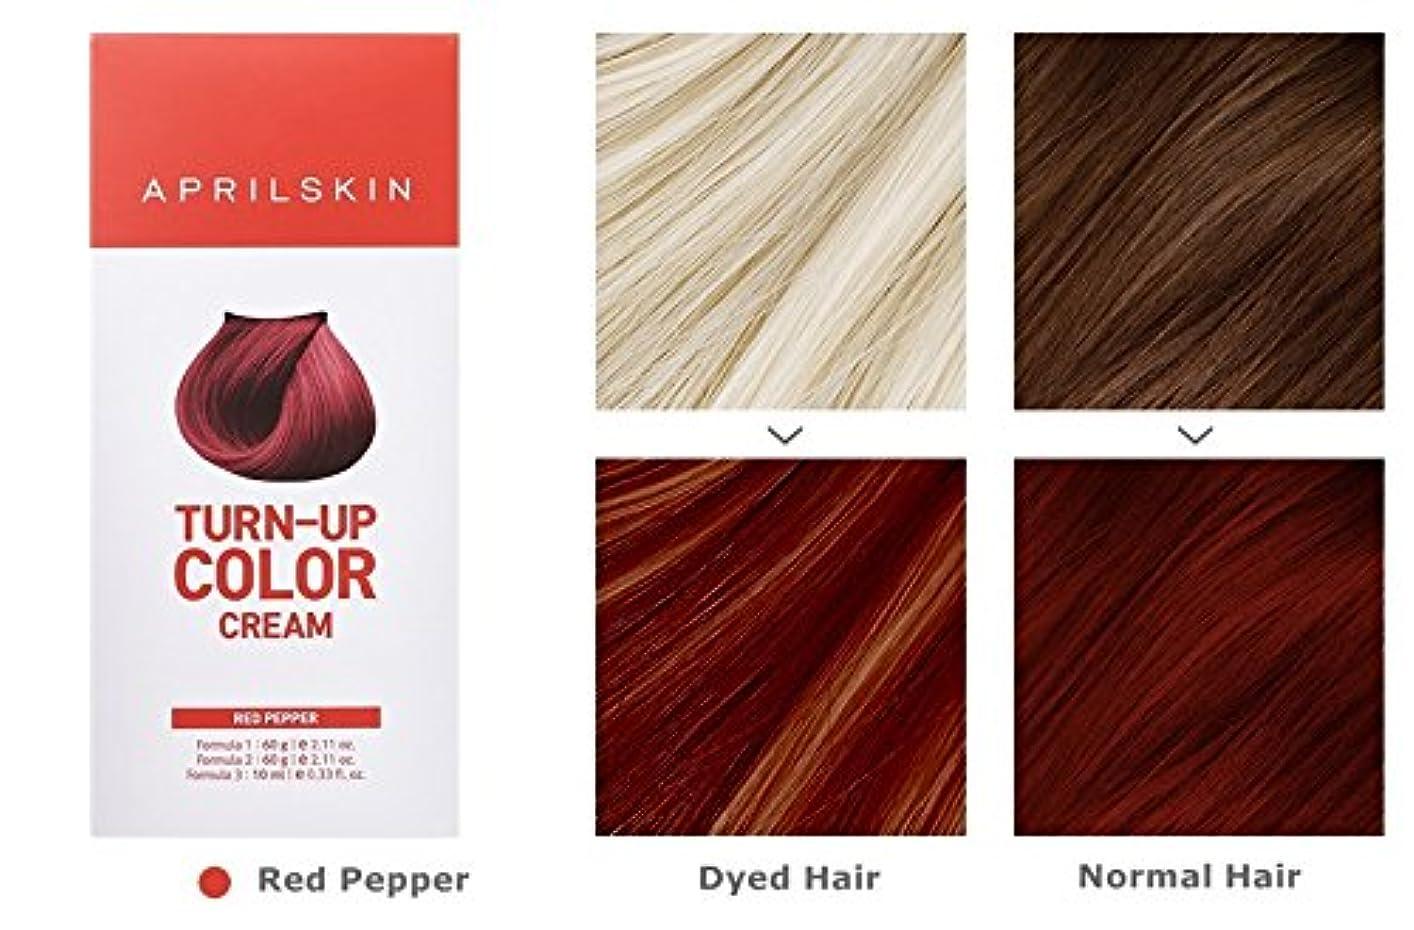 広まったデザートマークダウンApril Skin Turn Up Color Cream Long lasting Texture Type Hair Dye エイプリルスキン ターンアップカラークリーム長持ちテクスチャタイプヘアダイ (紅)